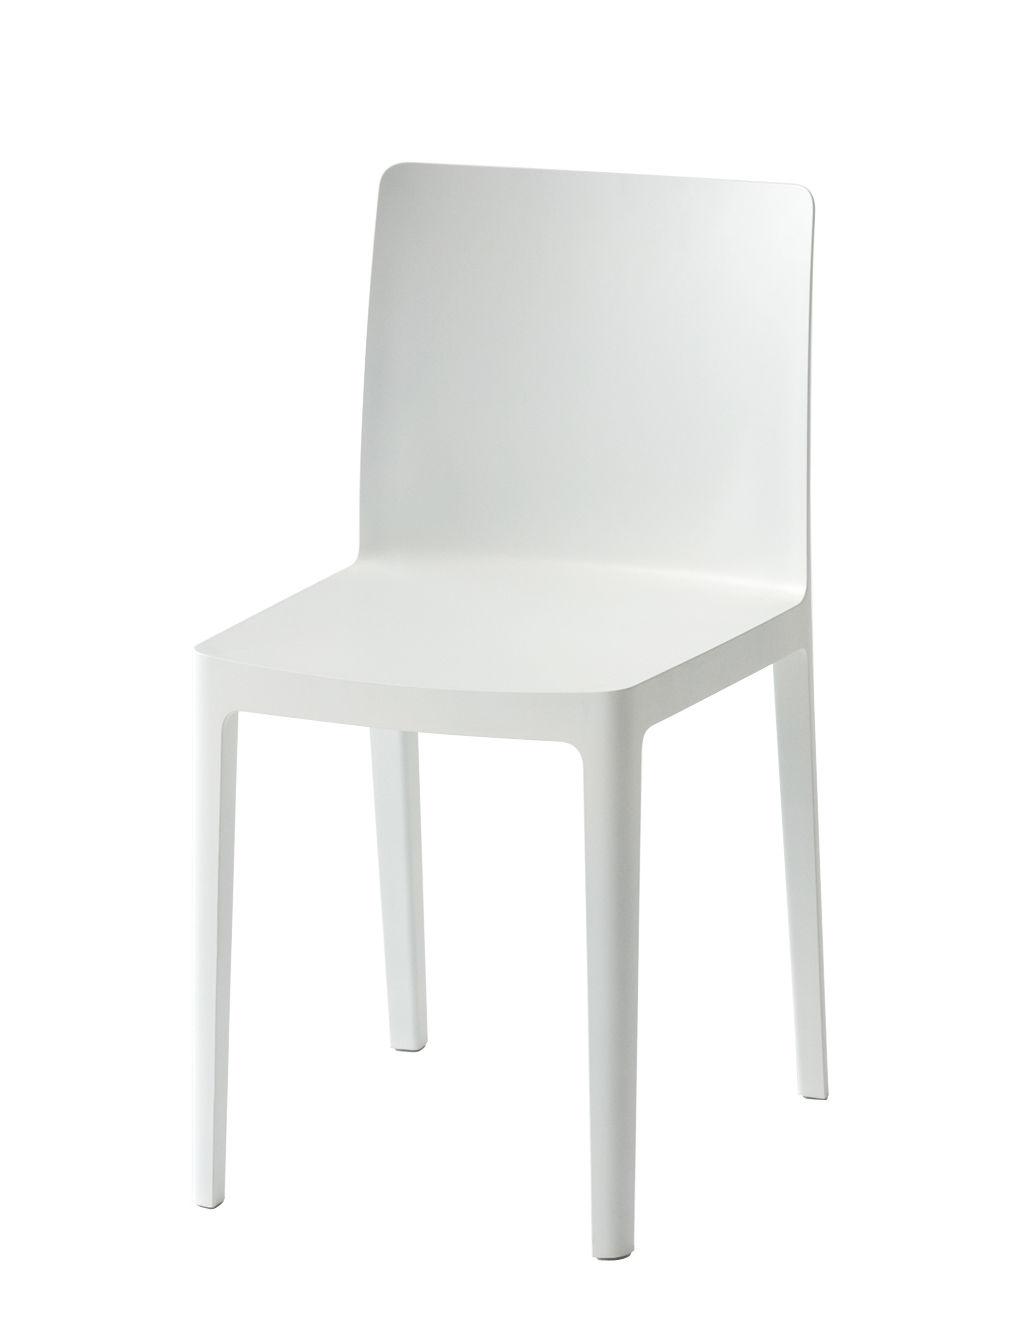 Möbel - Stühle  - Elementaire Stuhl - Hay - Cremeweiß - Glasfaser, Polypropylen